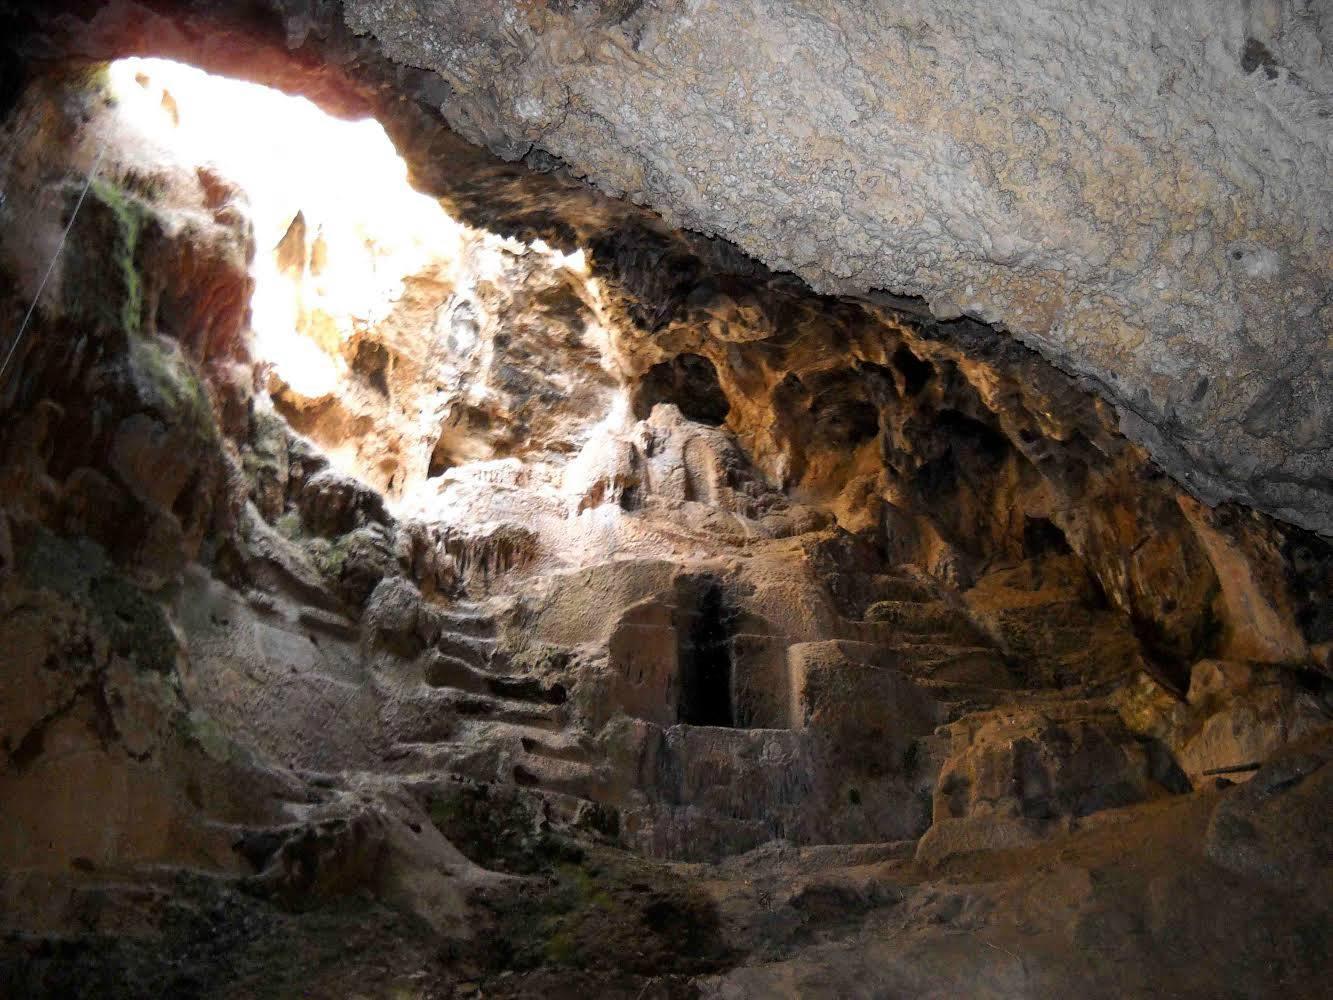 Στο σπήλαιο του Νυμφόληπτου με τους Πανοραματιστές